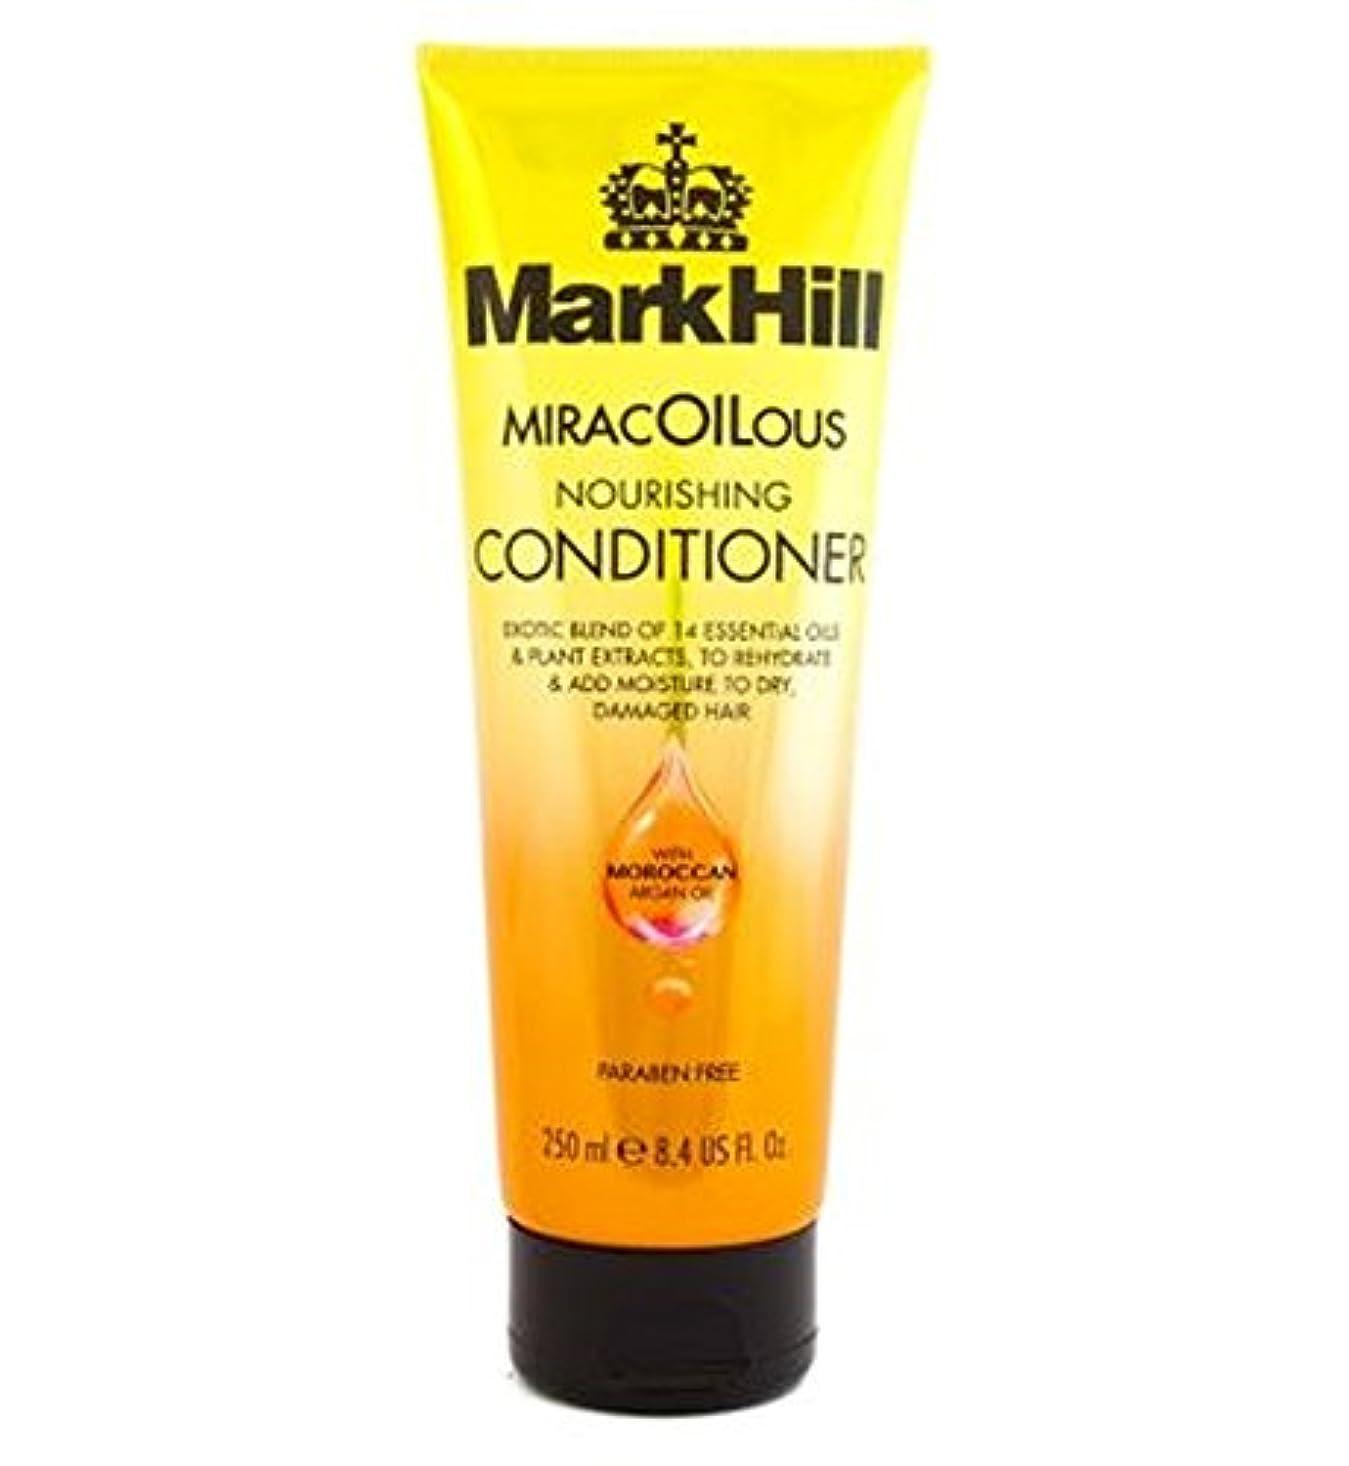 雪の費やす肝Mark Hill MiracOILicious Conditioner 250ml - マーク丘Miracoiliciousコンディショナー250Ml (Mark Hill) [並行輸入品]